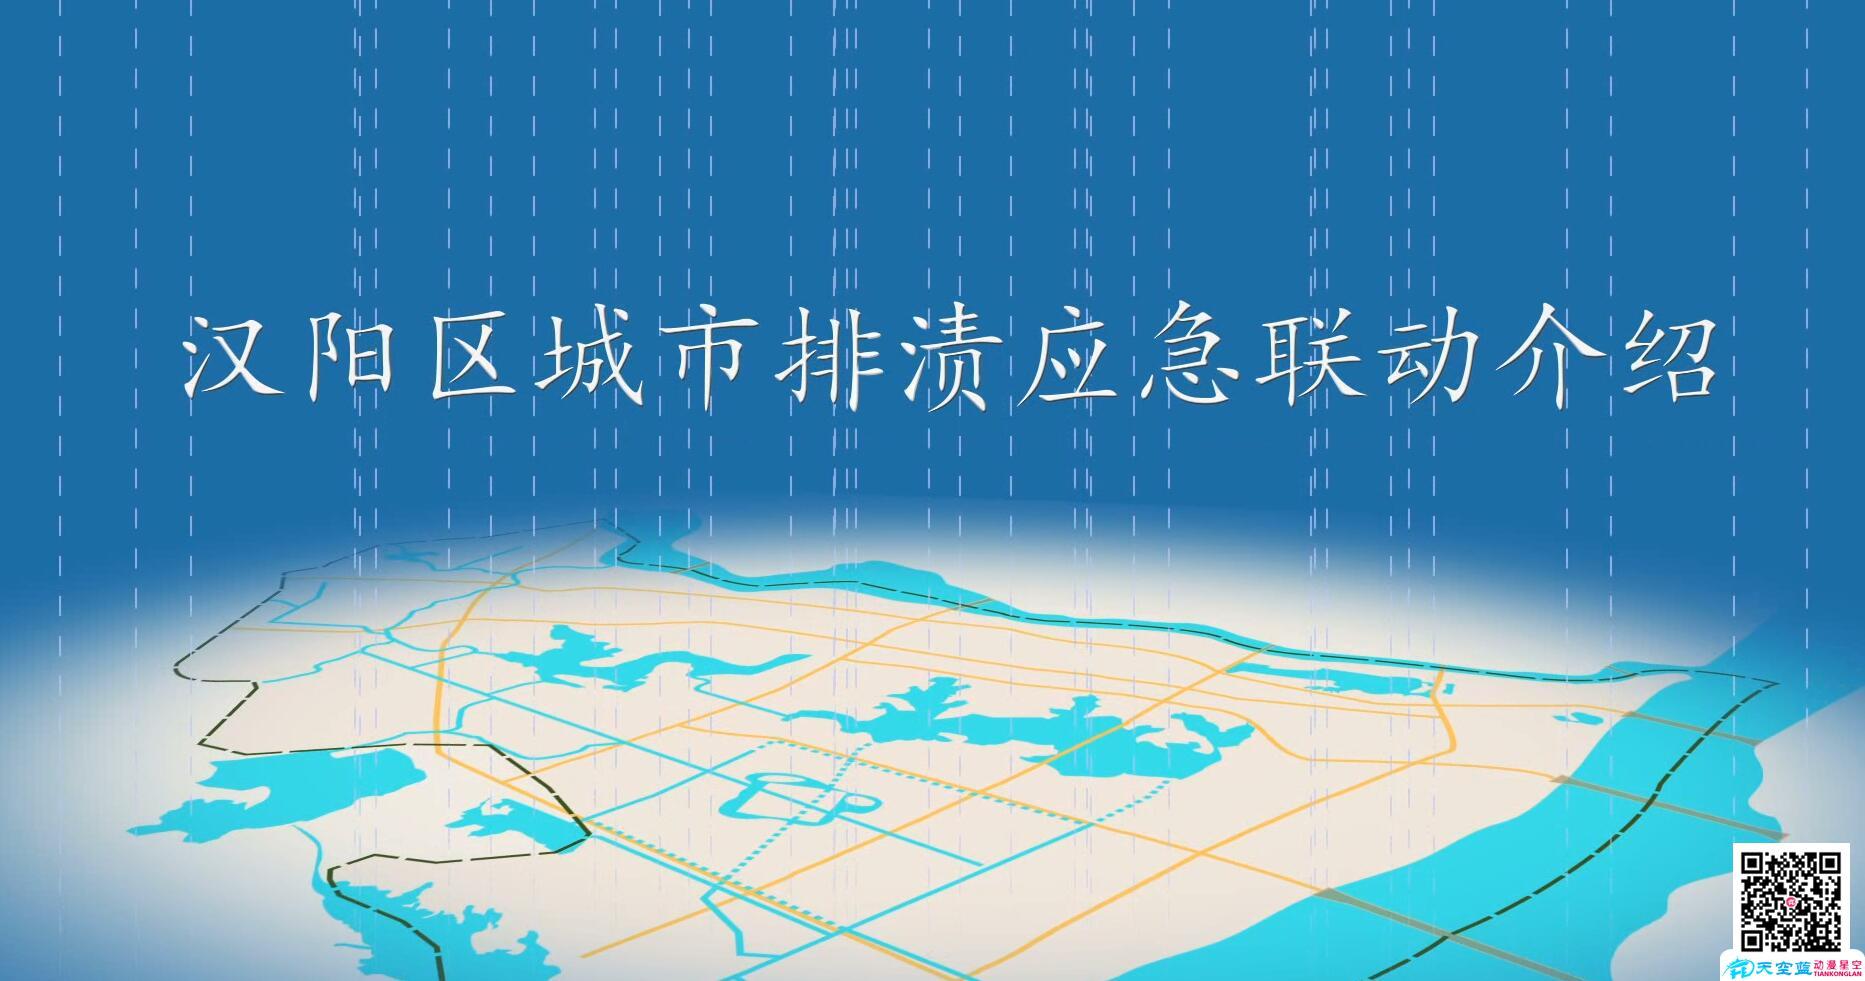 《武汉市汉阳区城市排渍应急联动介绍》MG动画制作